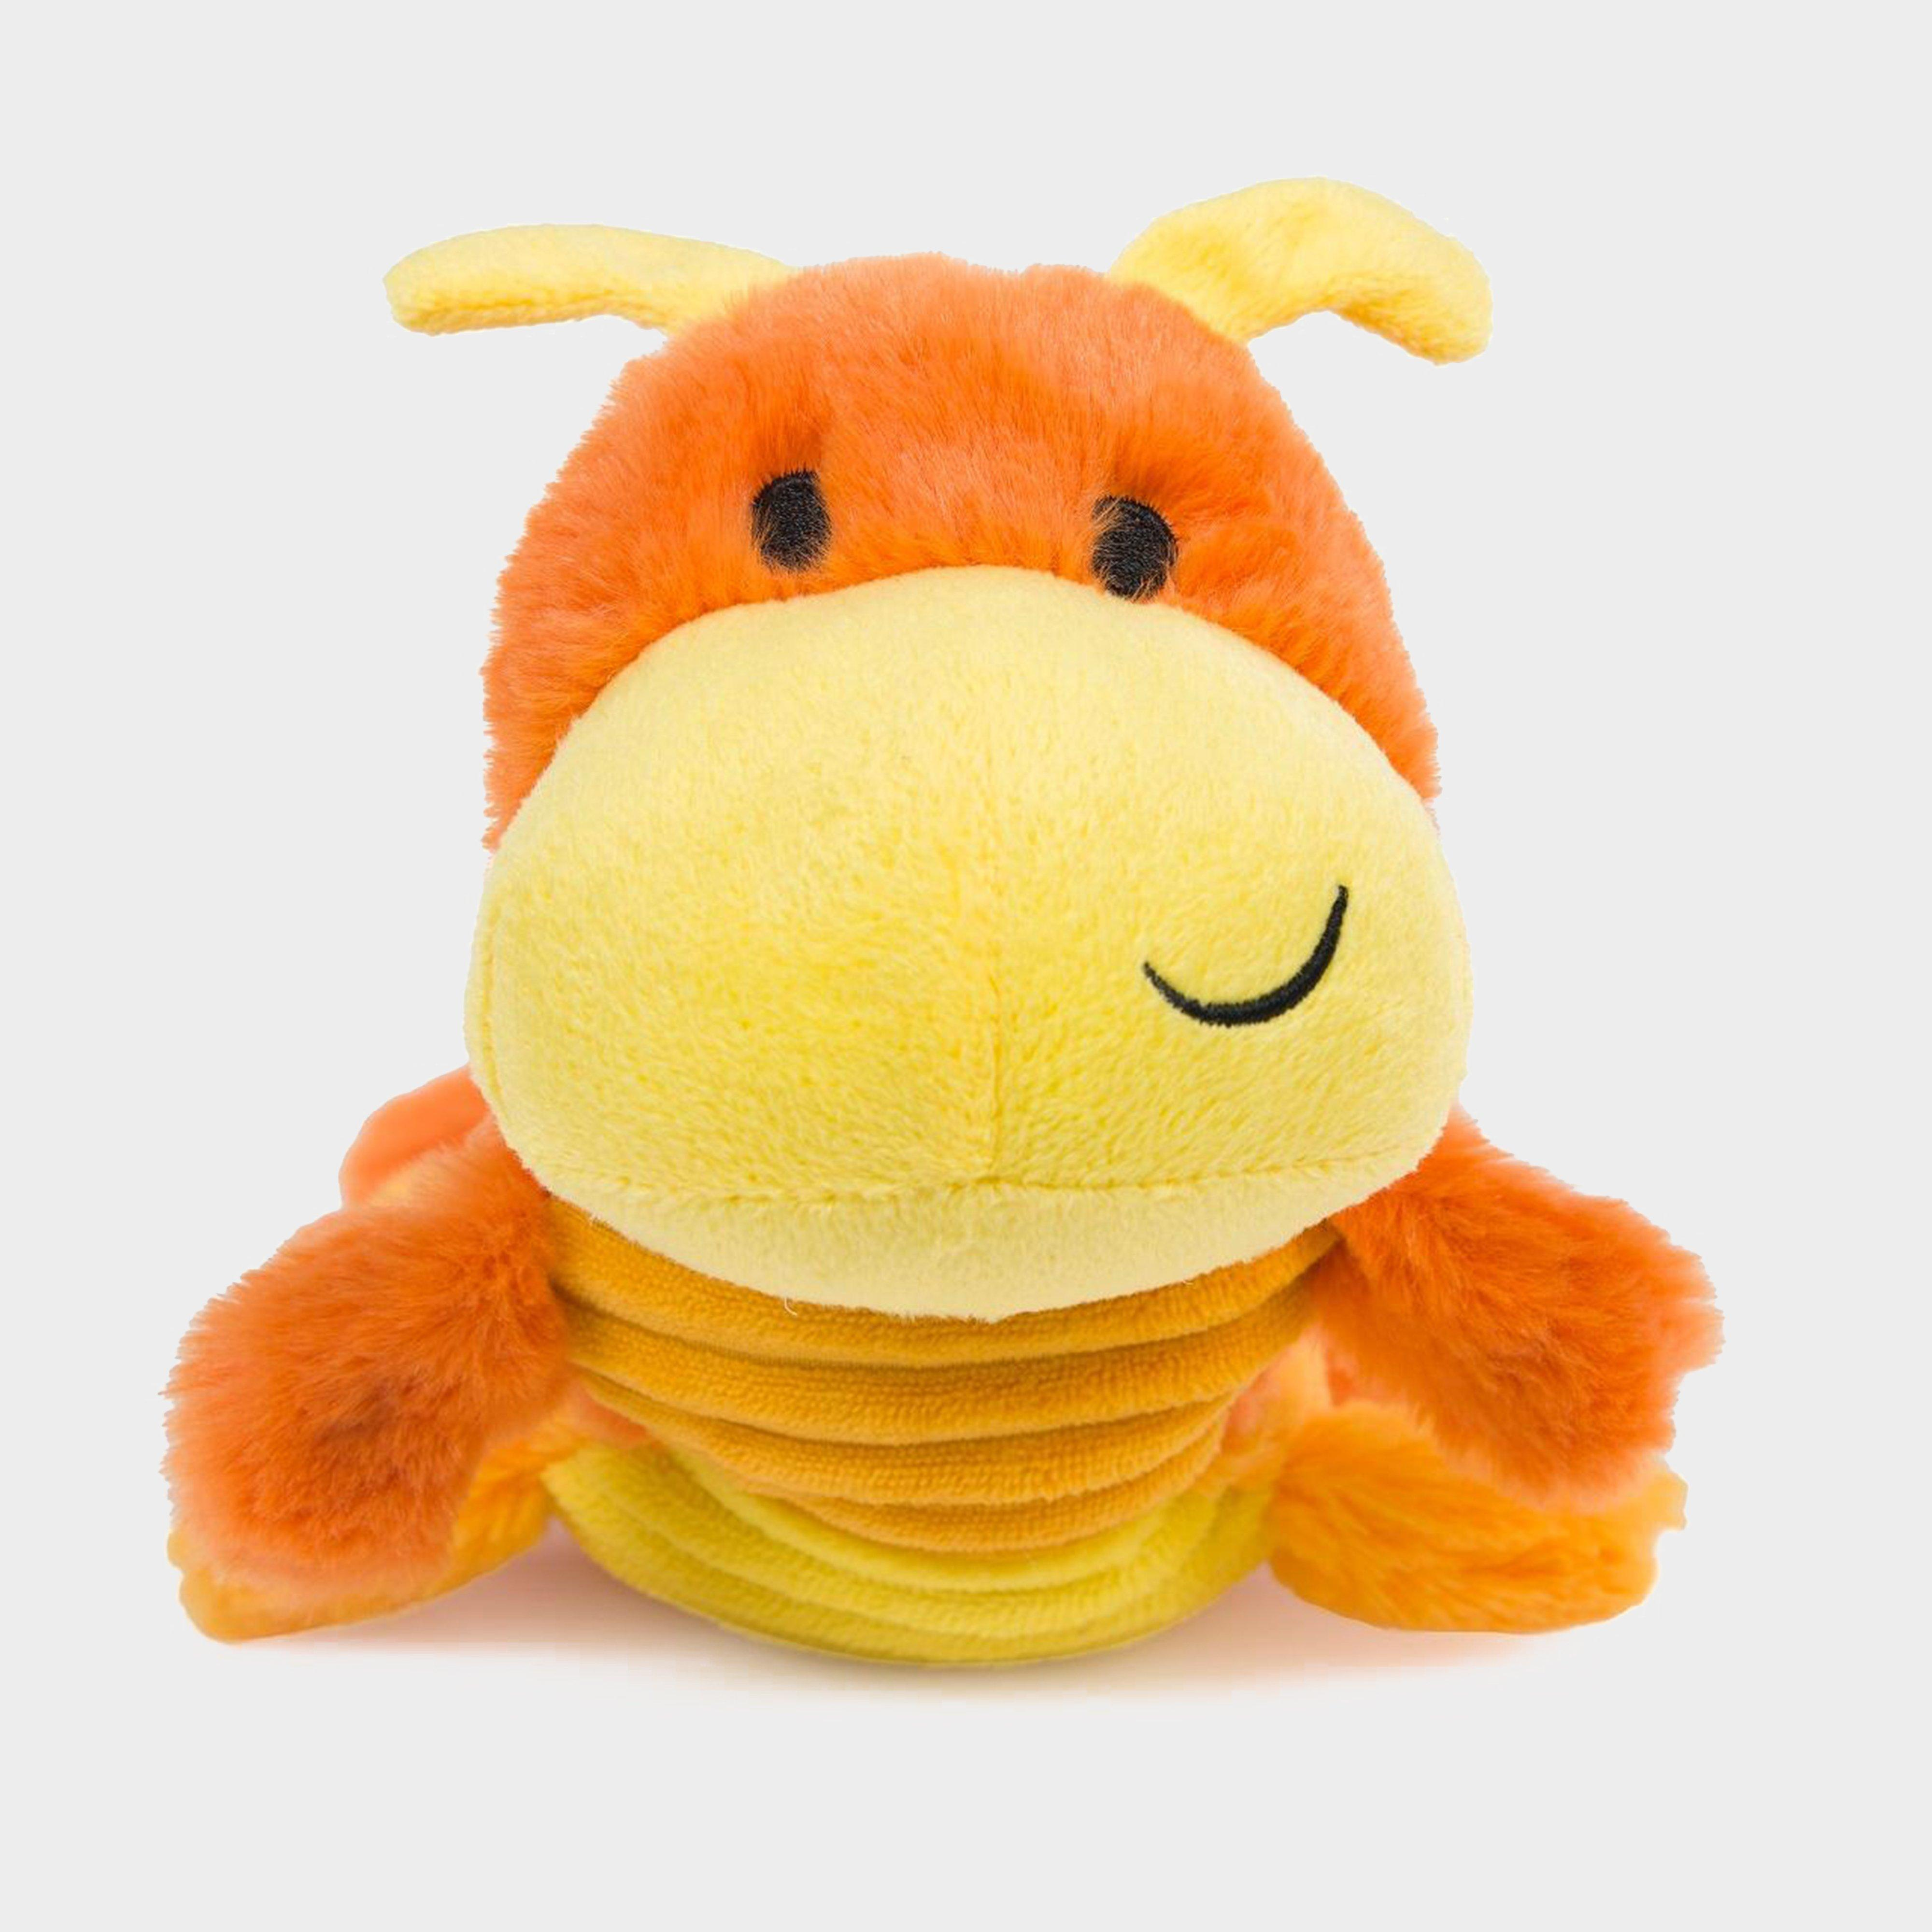 Image of Petface Farmyard Buddies Caterpillar Toy - Orange/Orange, ORANGE/ORANGE